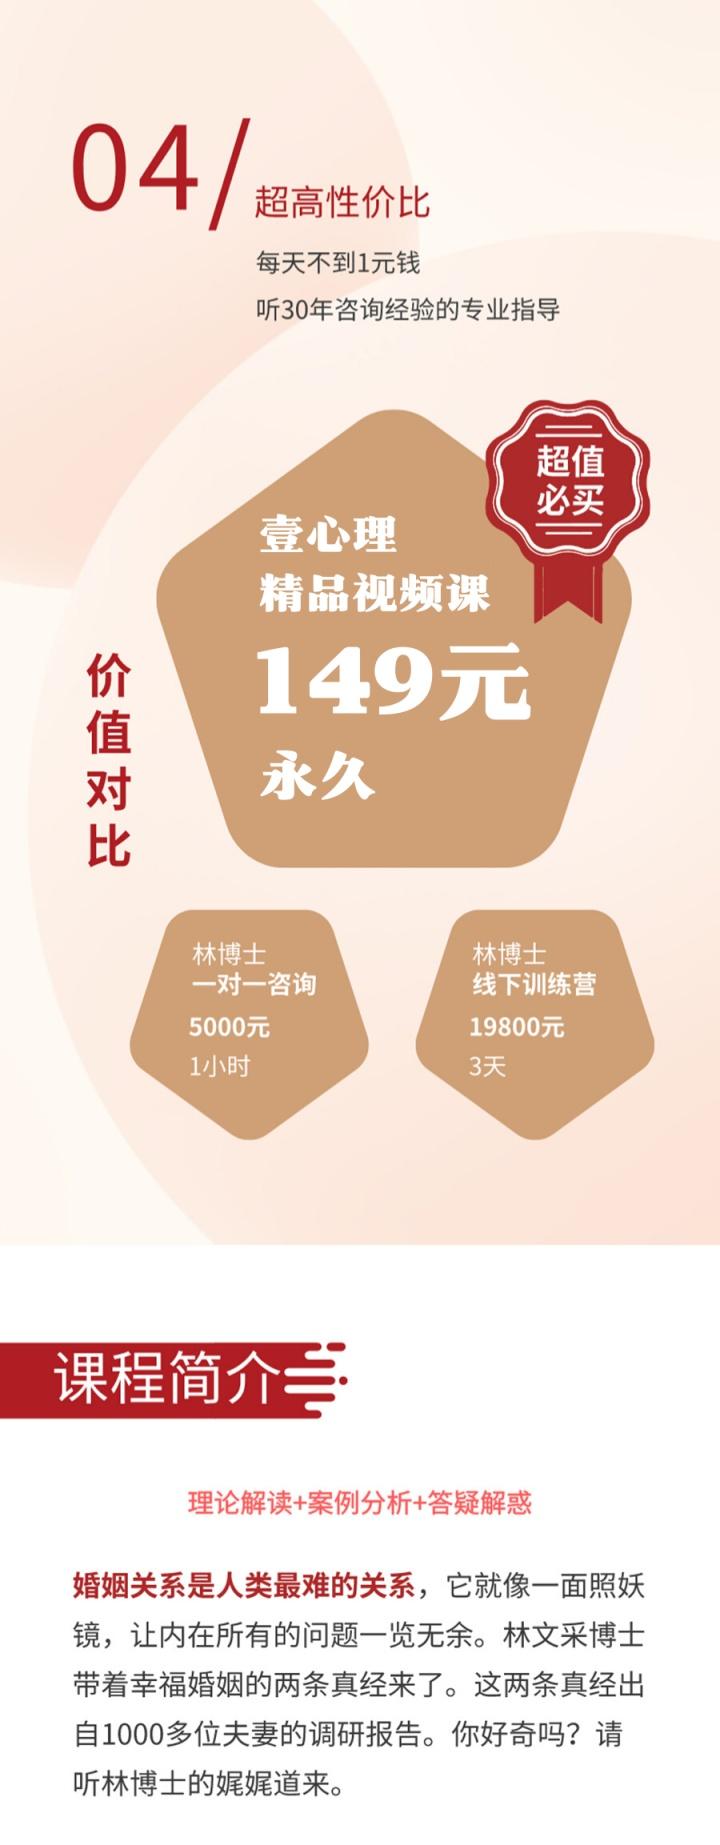 林文采详情页-5修改版.png